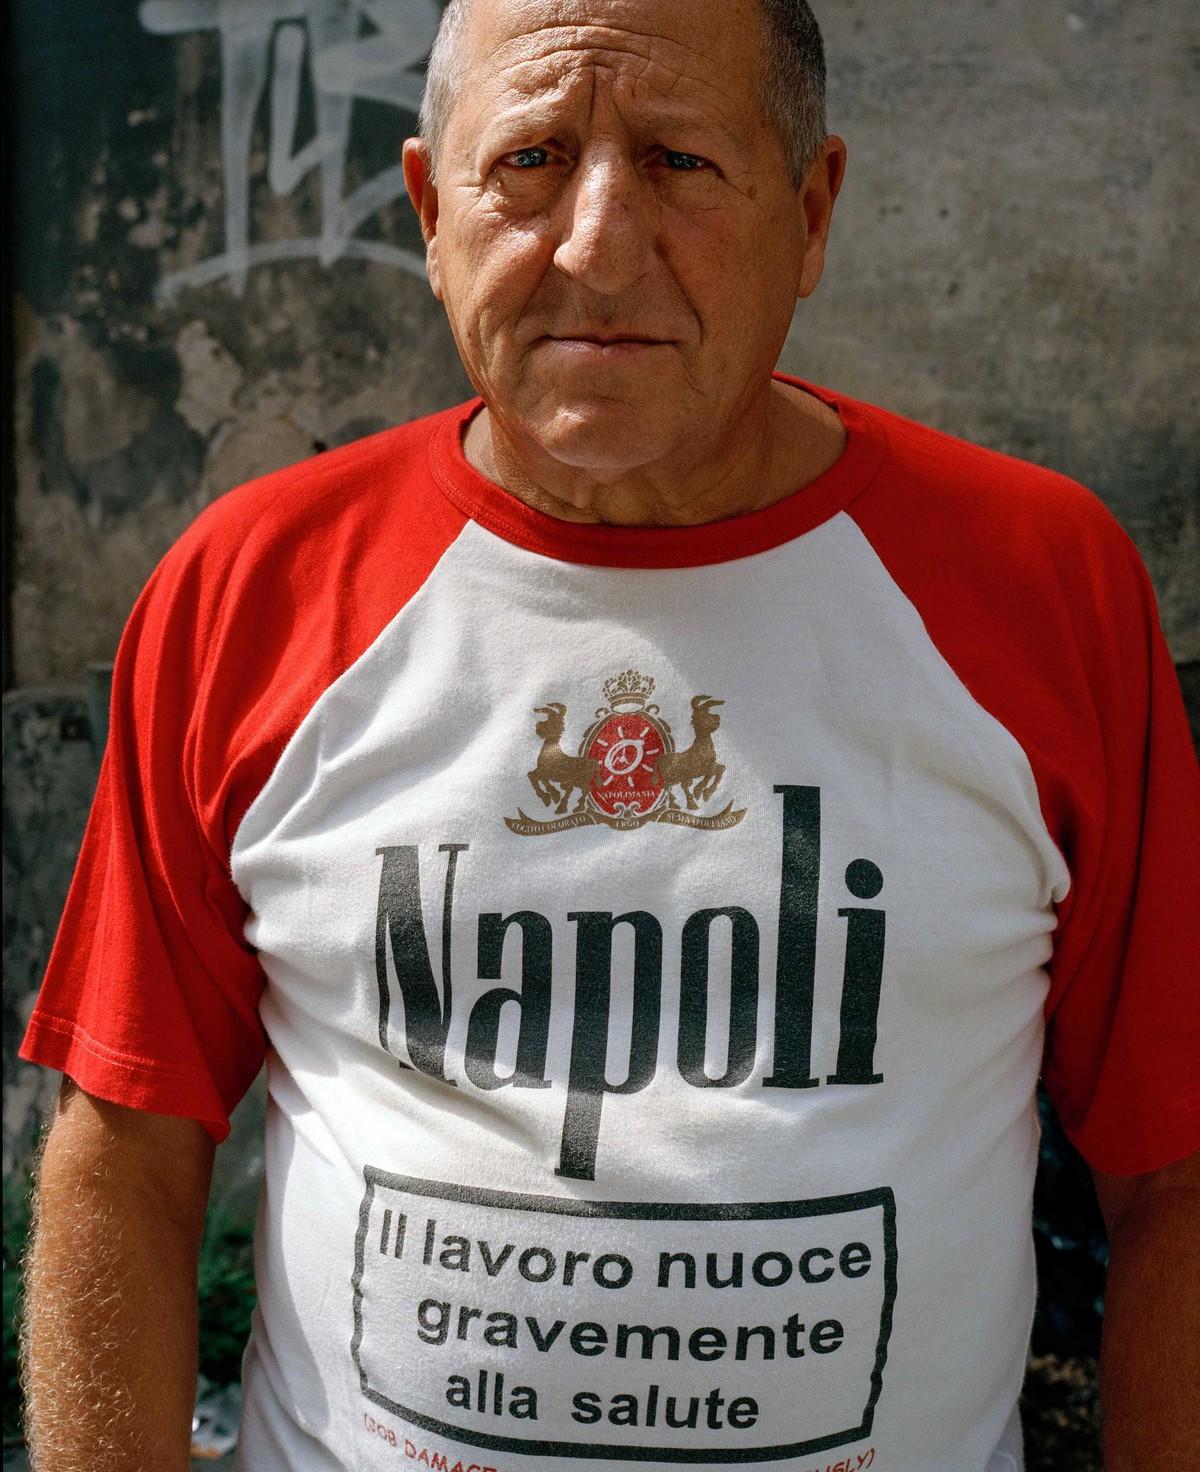 Жизнь в мафиозном городе Неаполе на снимках Сэма Грегга